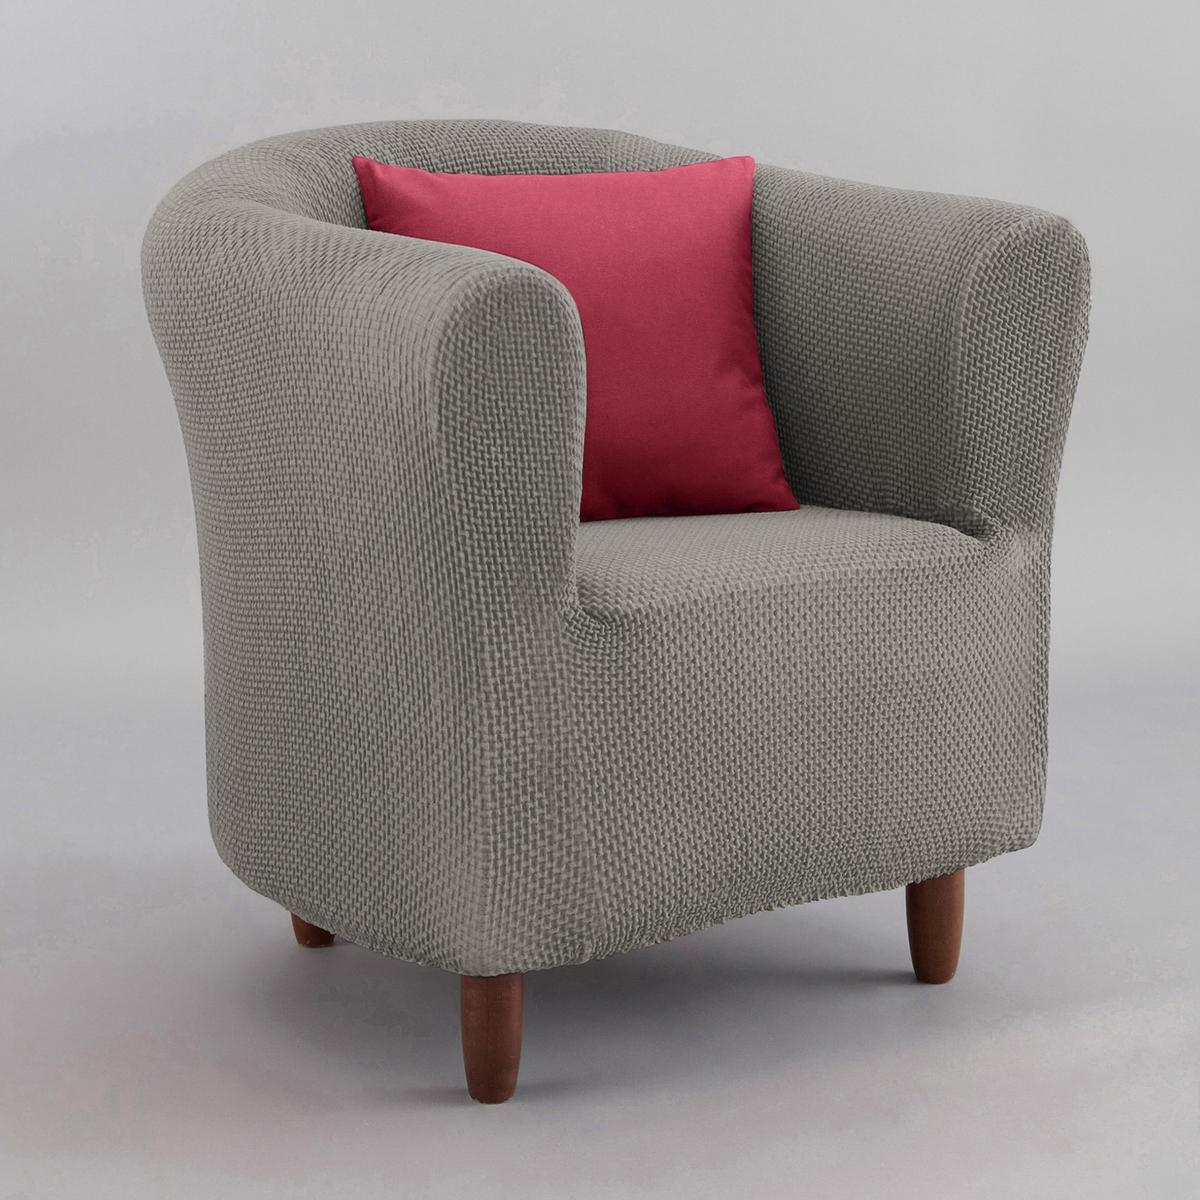 Чехол для креслаИз эластичной гофрированной ткани, 55% хлопка, 40% полиэстера, 5% эластана. Стирка при 30°. Эластичный низ.<br><br>Цвет: антрацит,красный,серо-коричневый каштан,серый,экрю<br>Размер: единый размер.единый размер